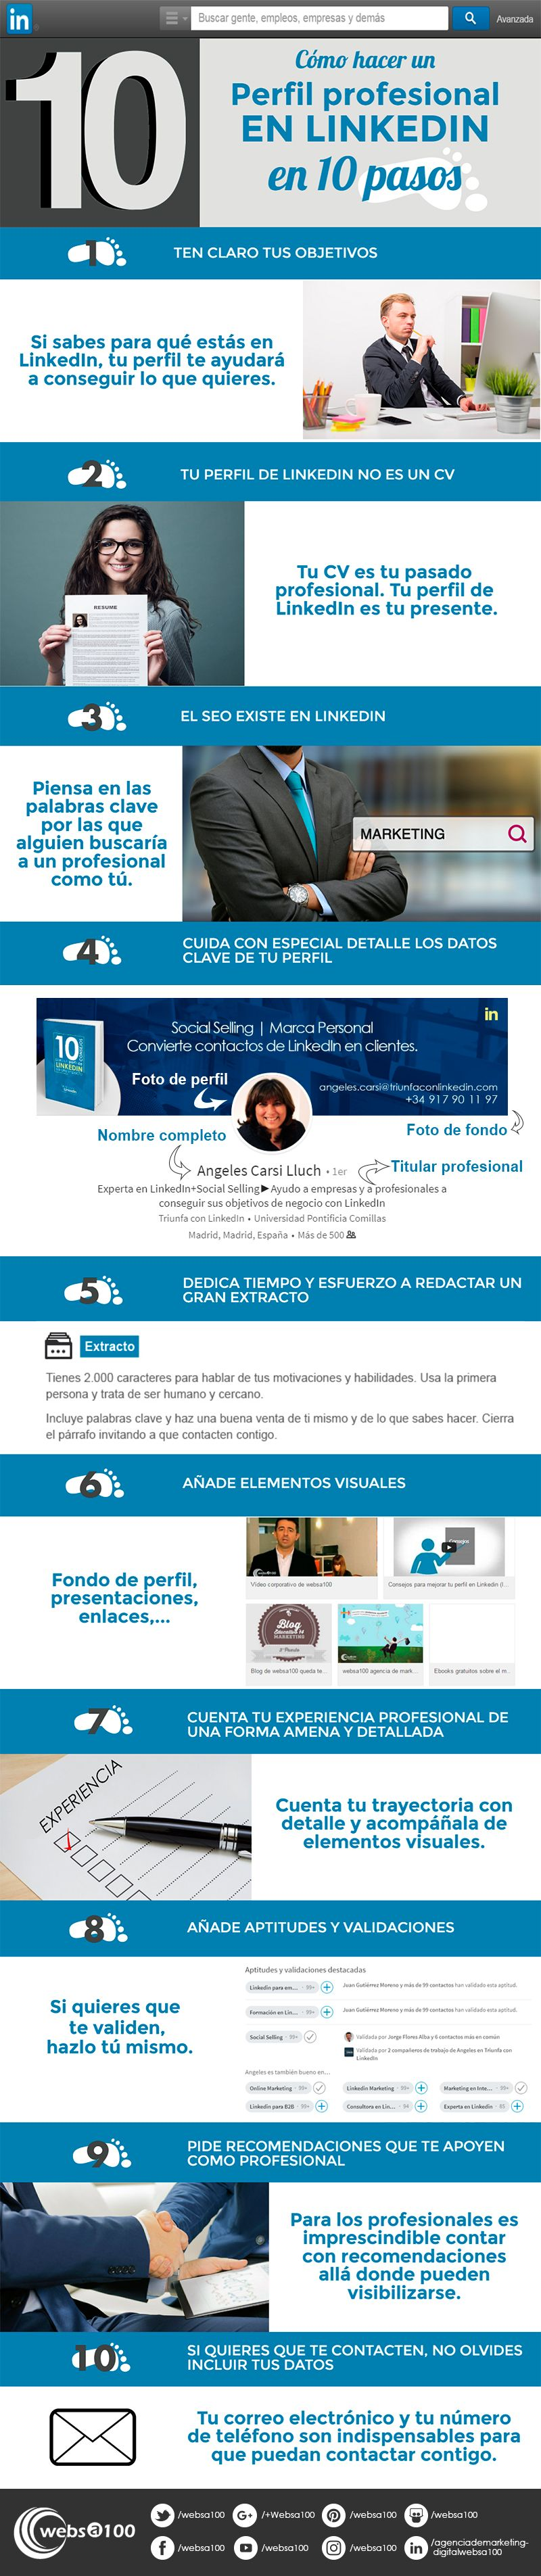 Cómo hacer un perfil profesional en LinkedIn en 10 pasos